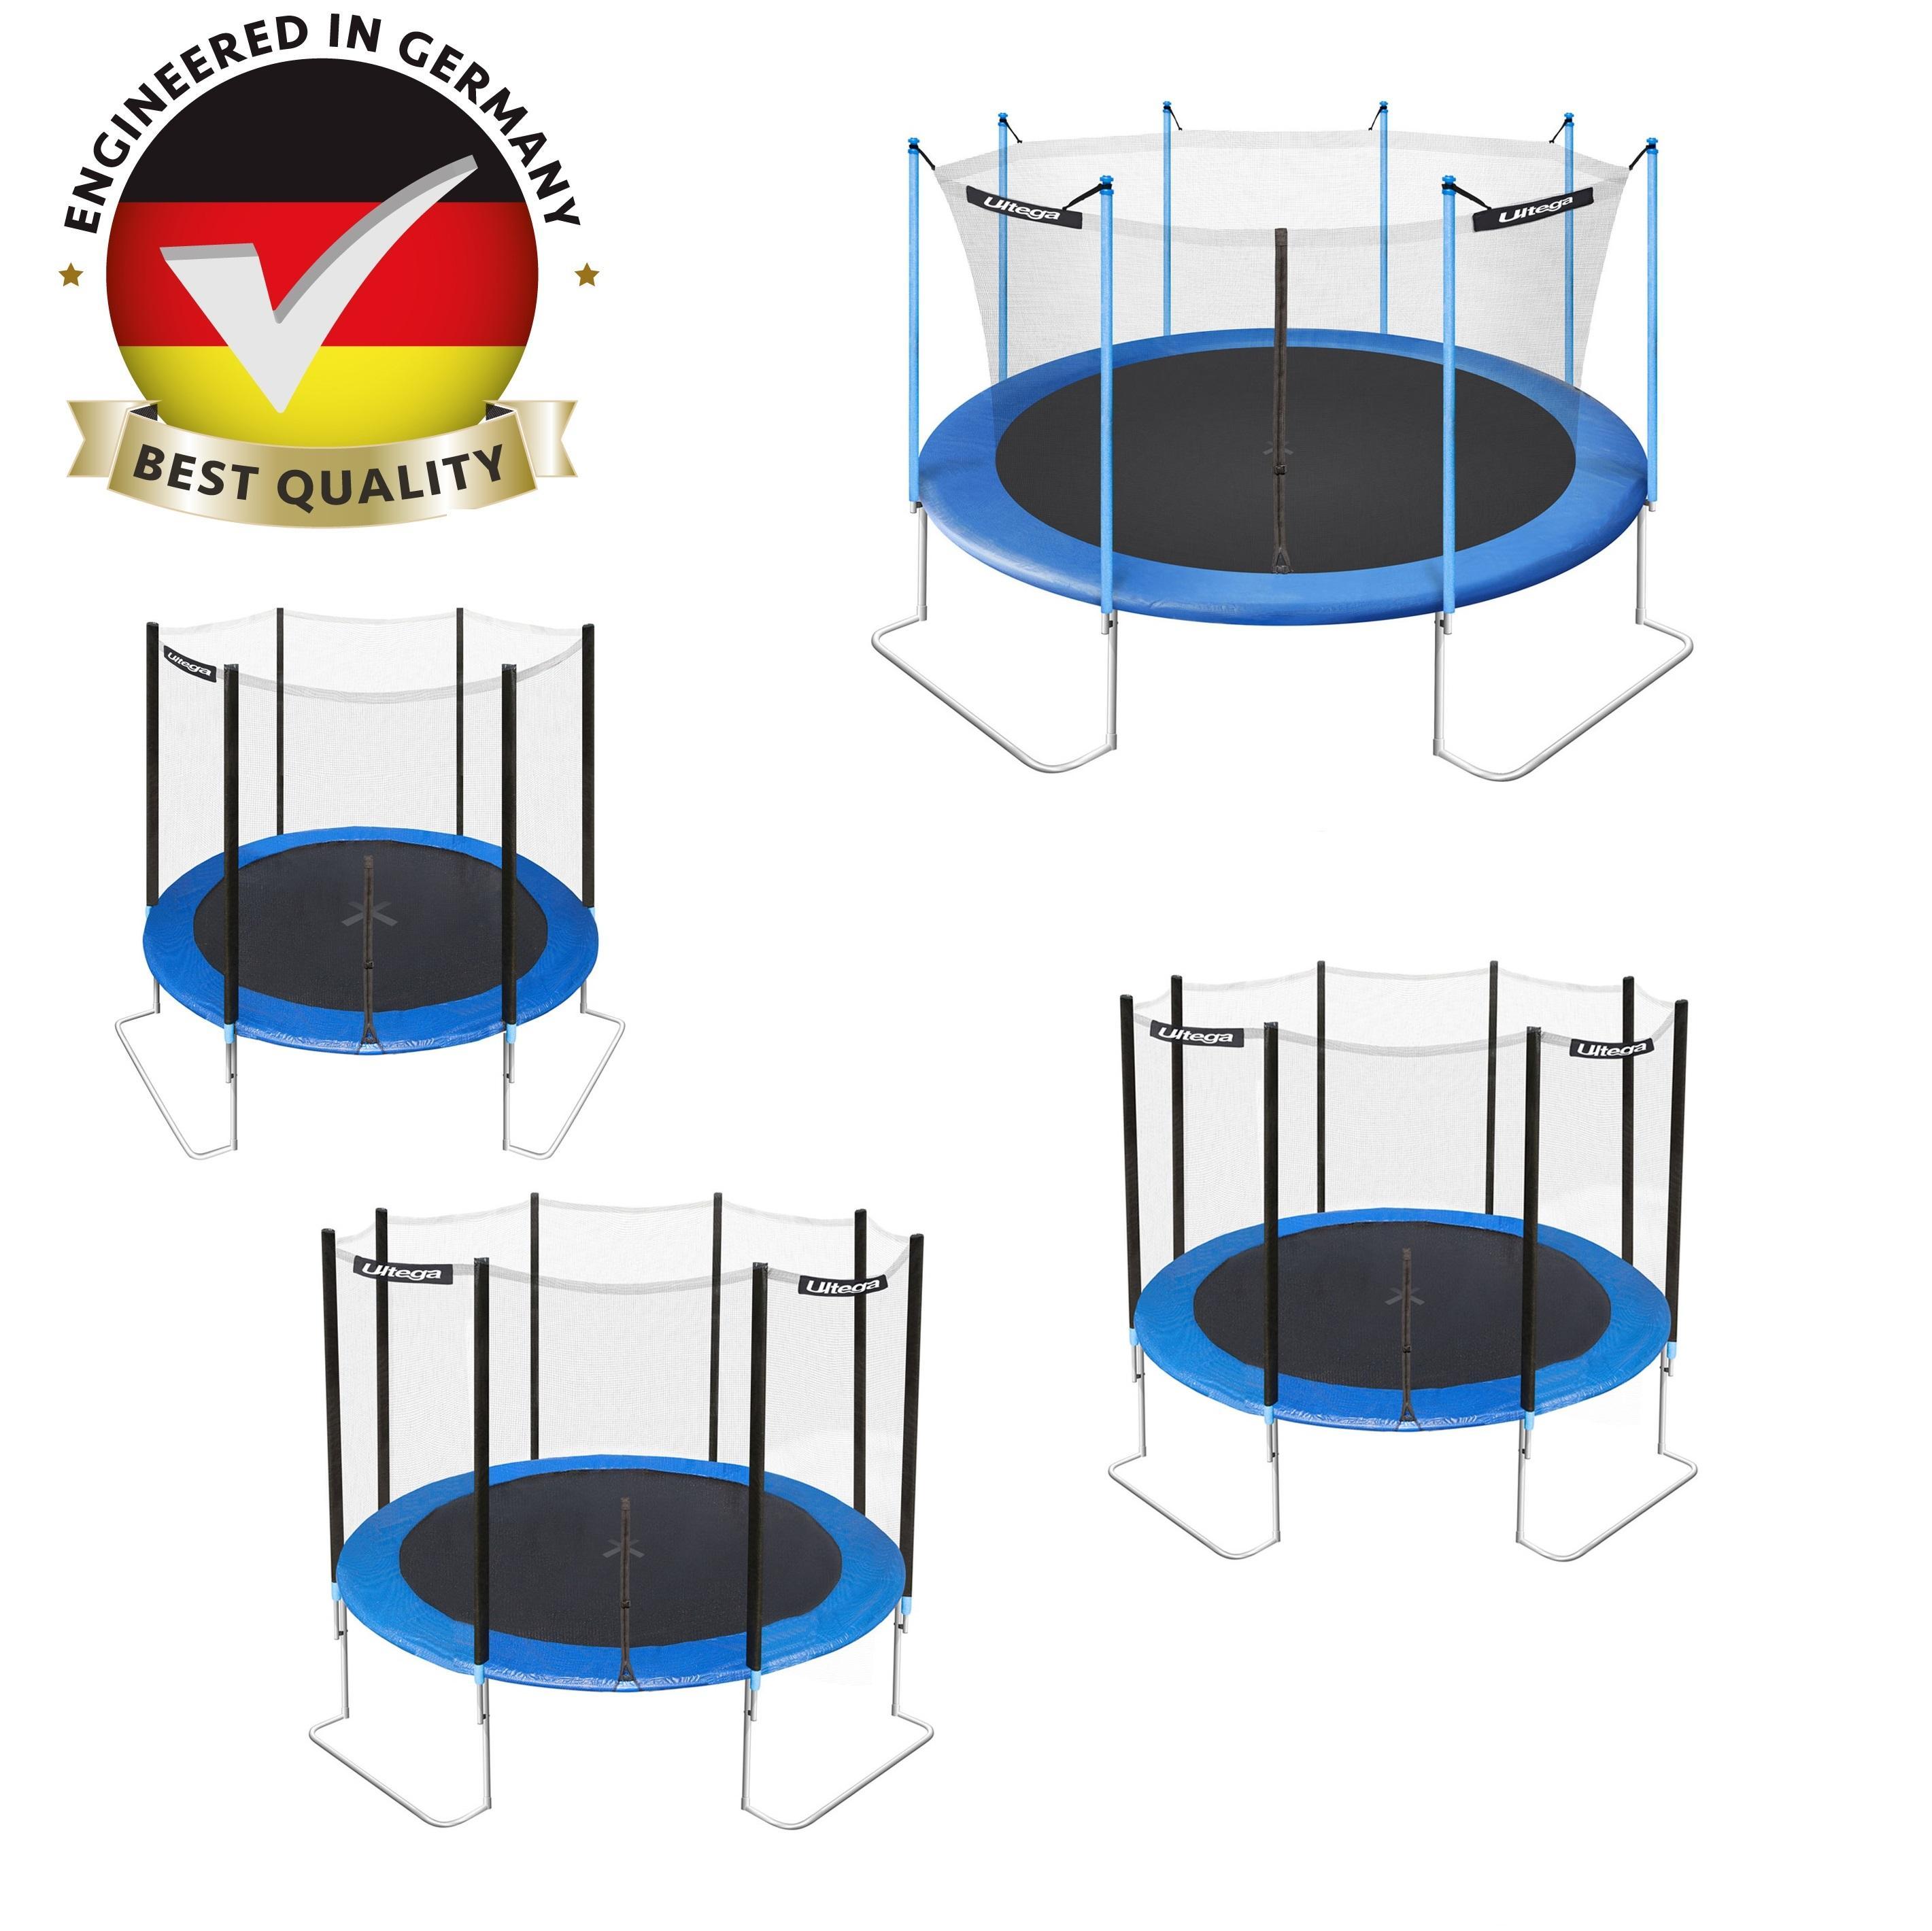 Buy Ultega Jumper Trampoline With Safety Net, 10 Ft Online